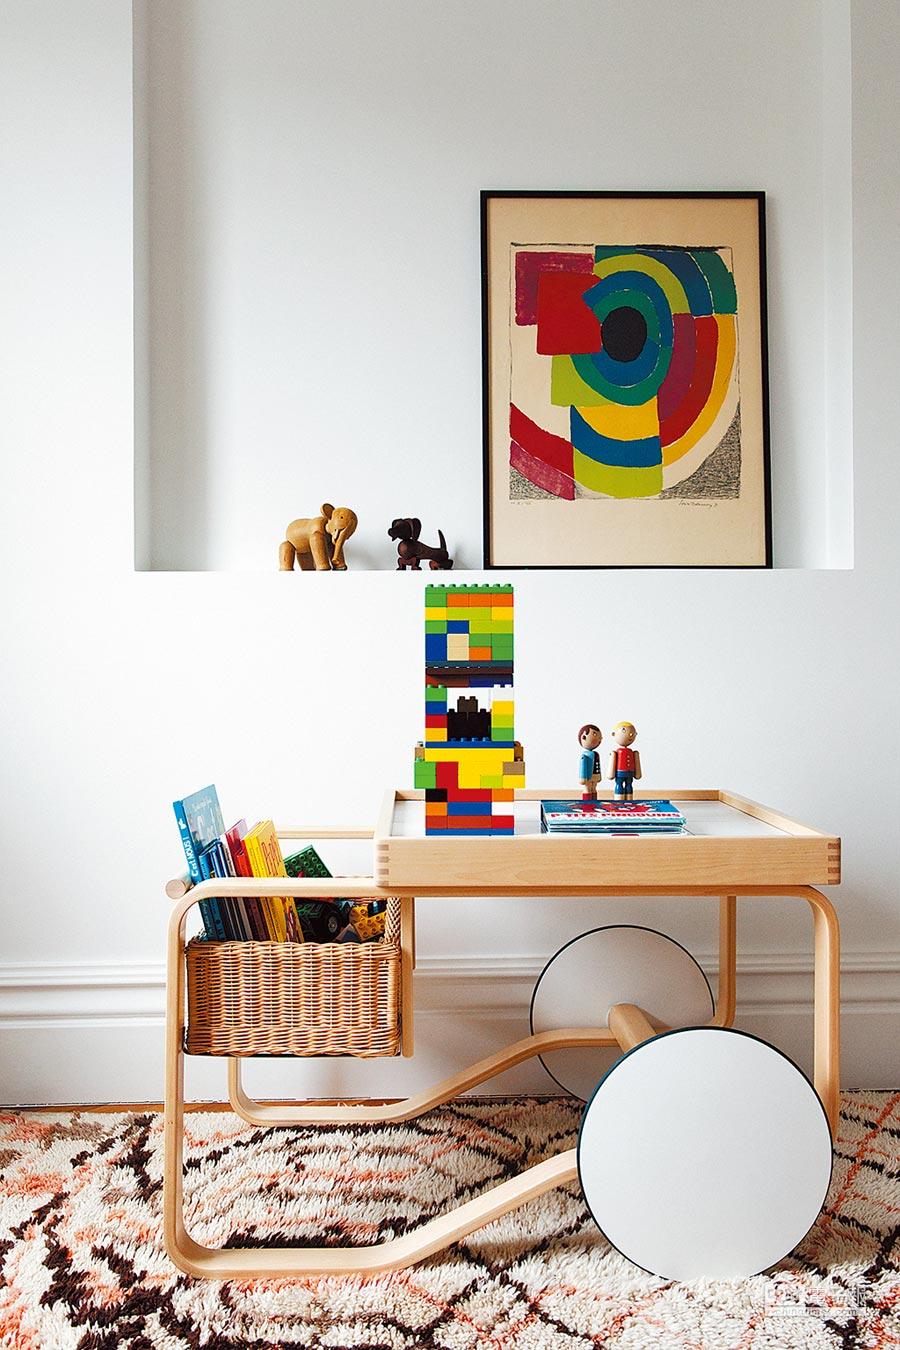 北歐櫥窗的芬蘭品牌artek的Tea Trolley 900 瓷桌藤籃白輪茶几,為Alvar Aalto知名作品,以單邊輪獨特設計,被紐約現代藝術博物館列為永久館藏,12萬2900元。(北歐櫥窗提供)